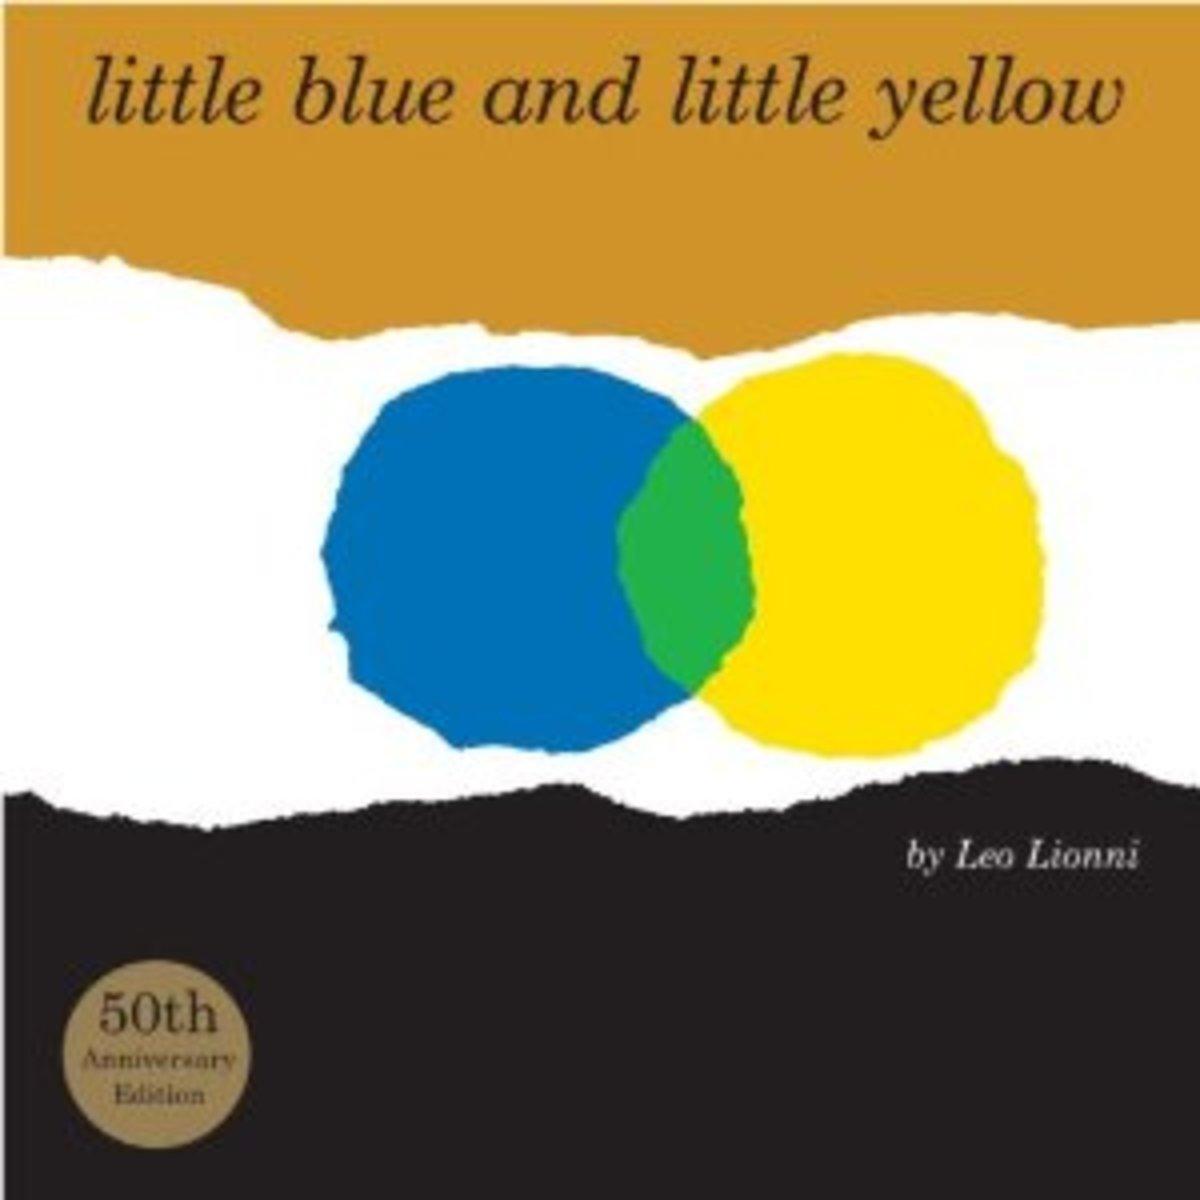 LittleBlue_LittleYellow